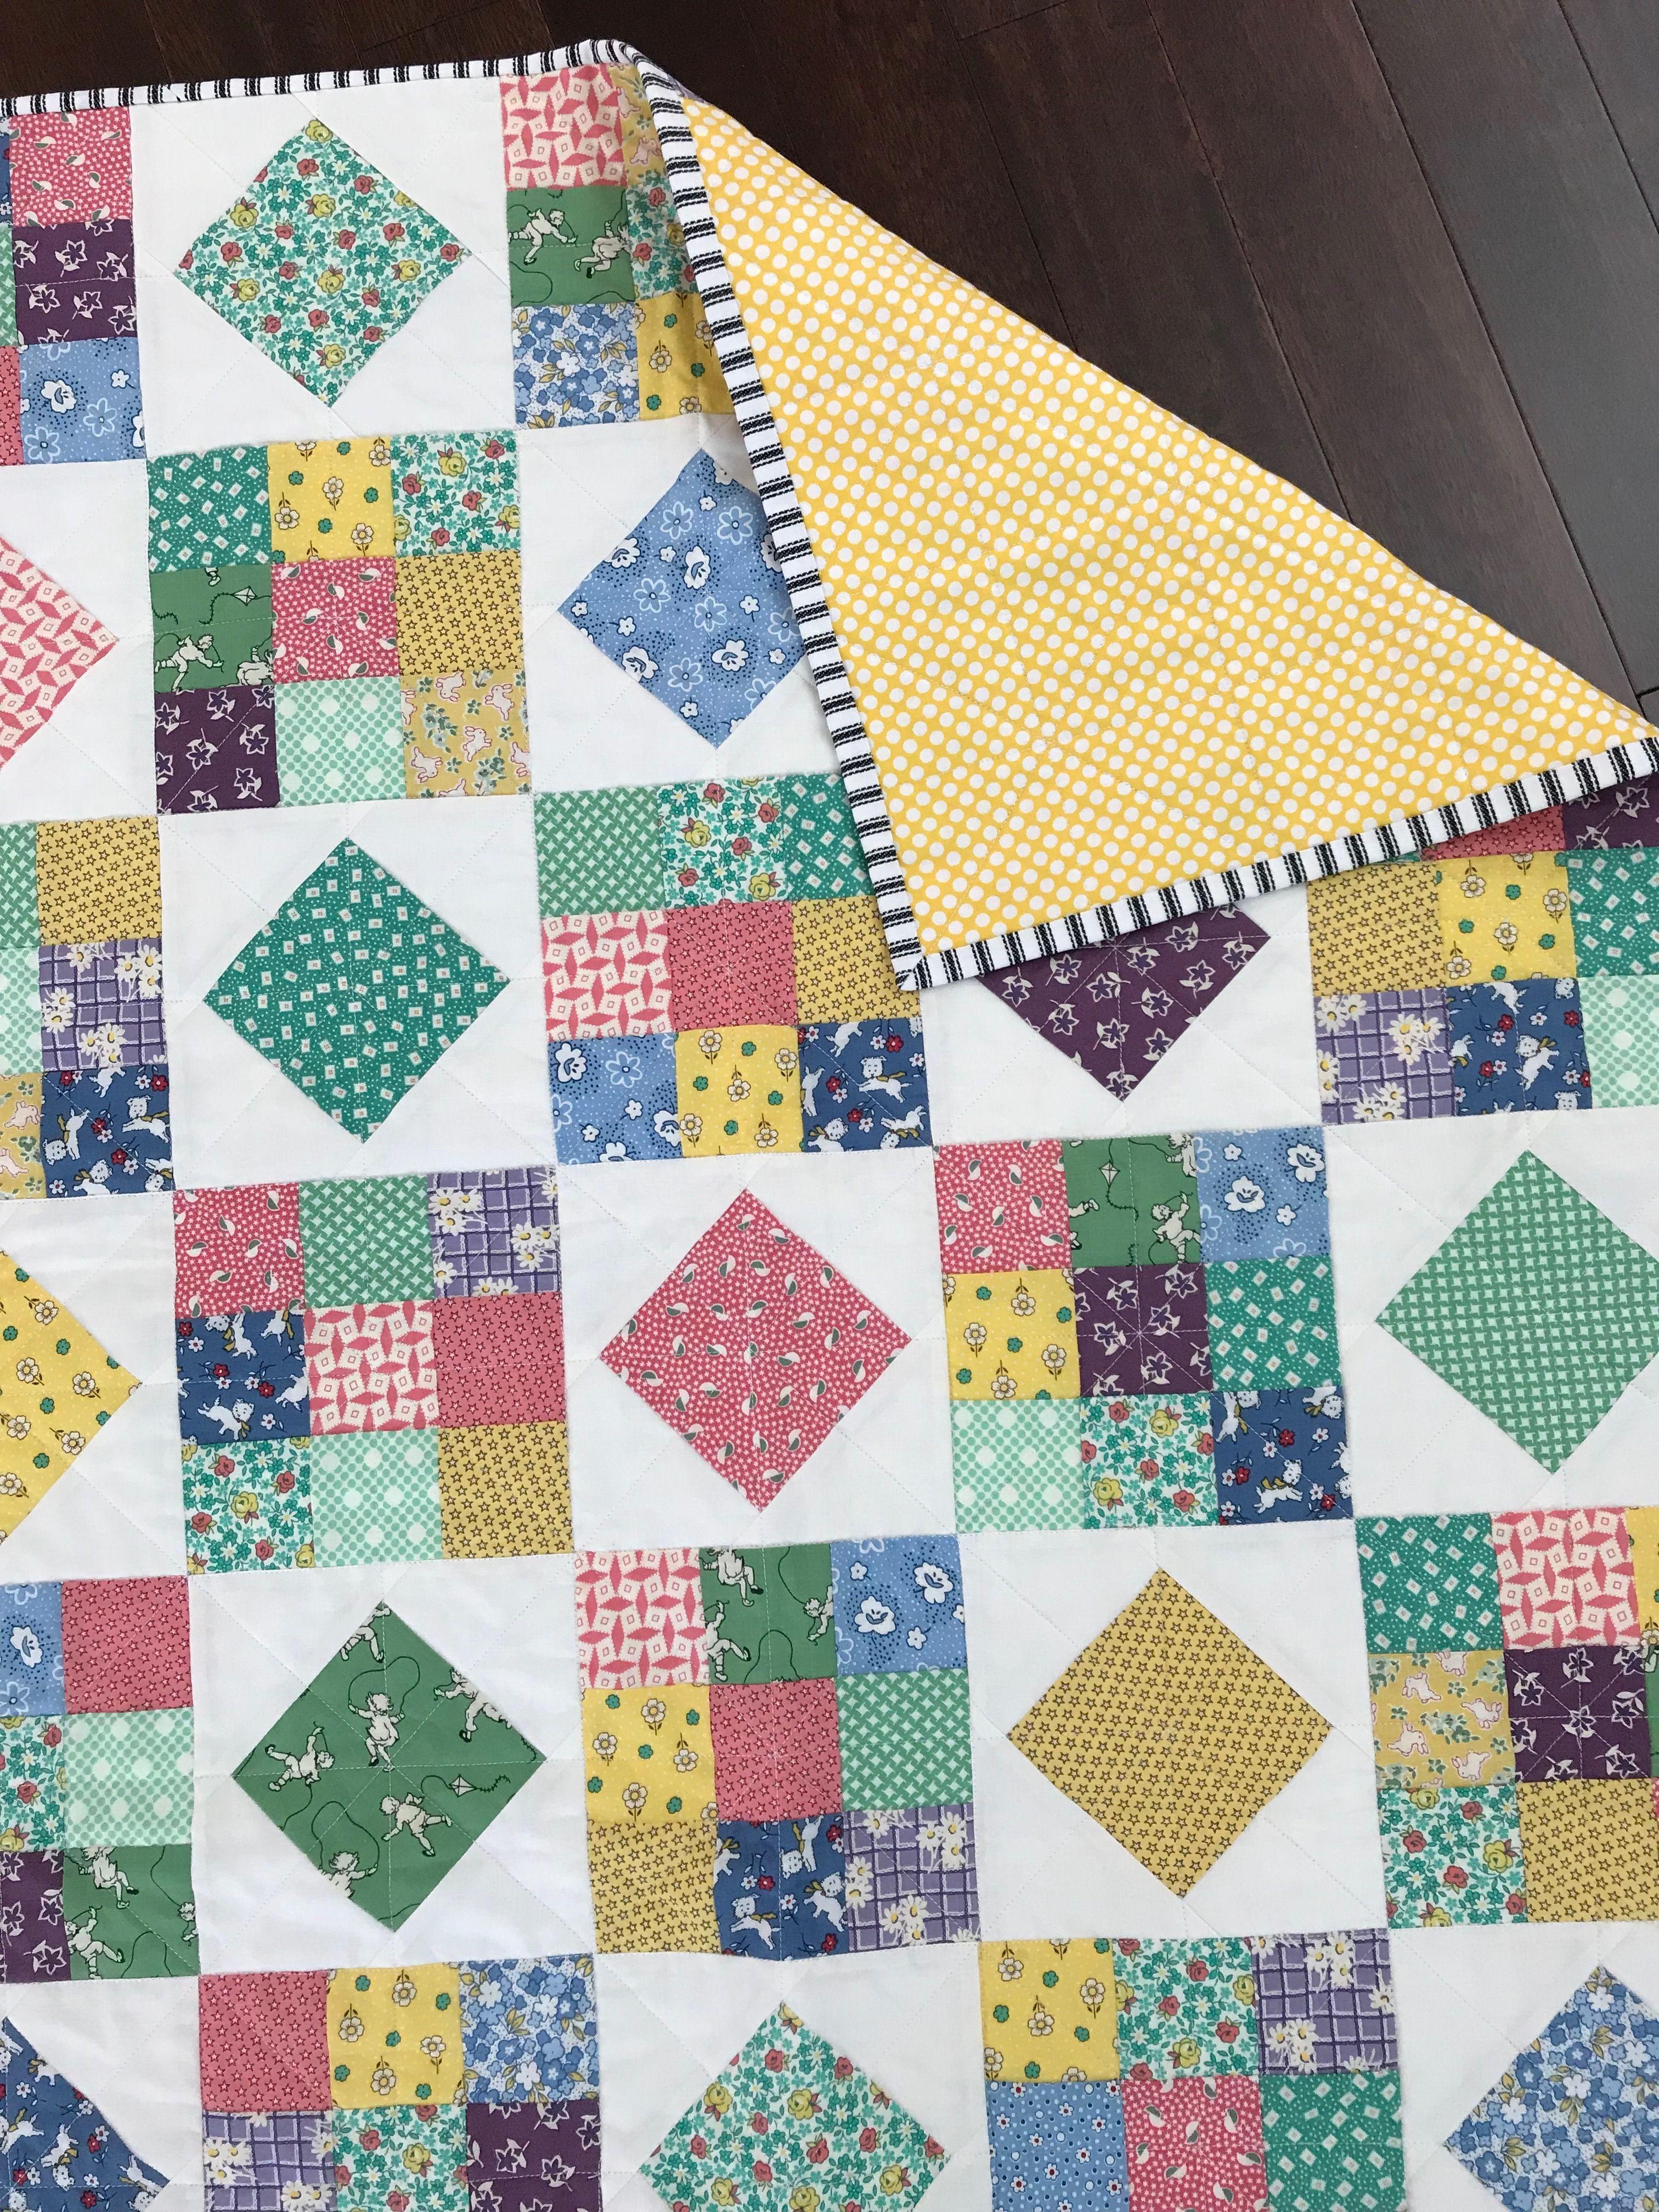 Kinder Quilt Patronen.Lap Quilt 1930 S Reproduction Fabrics Kinder Quilts Pinterest